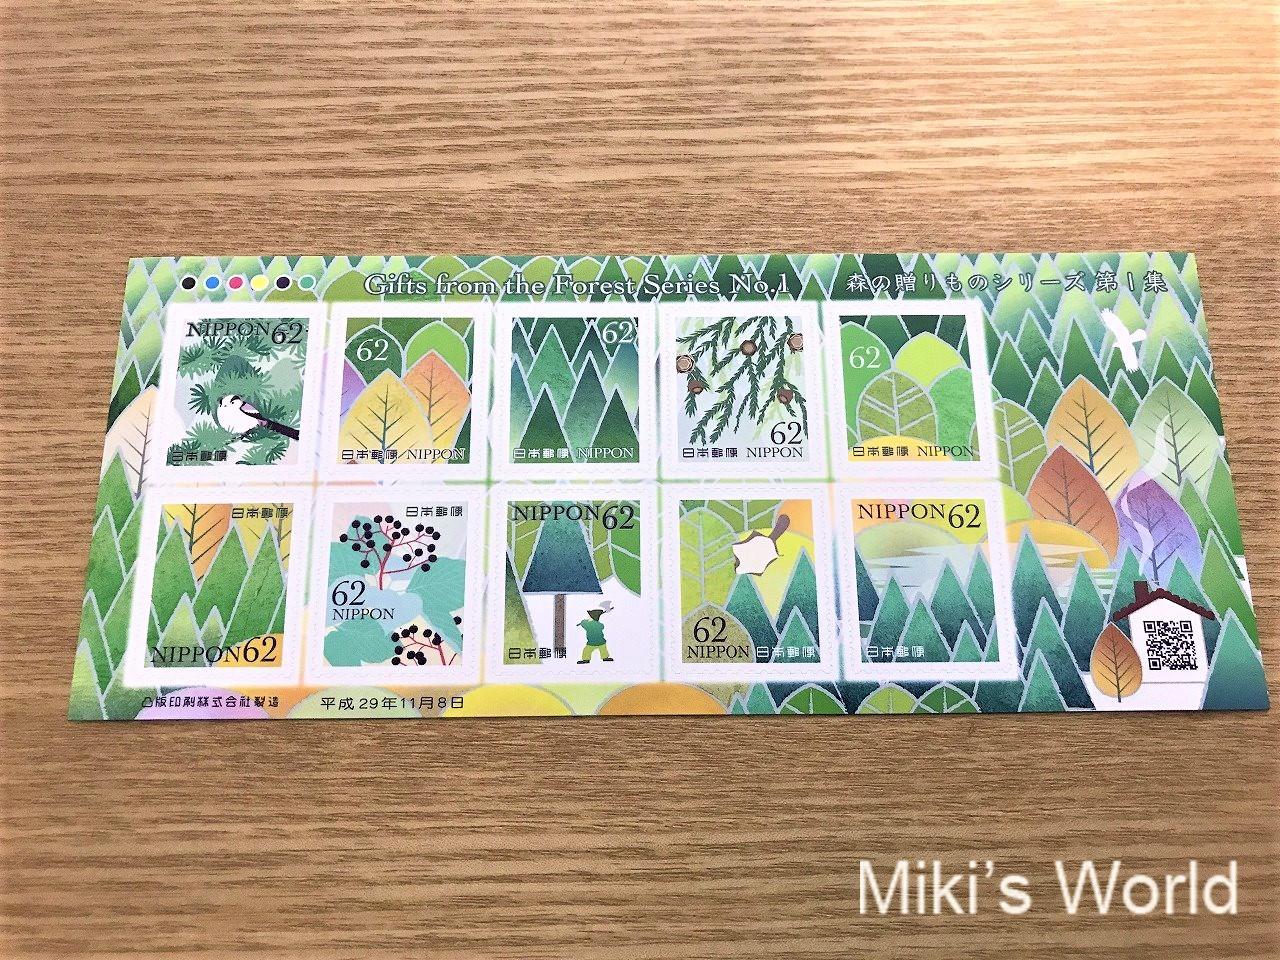 62円シール切手 エナガとムササビがいる 森の贈りものシリーズ第1集